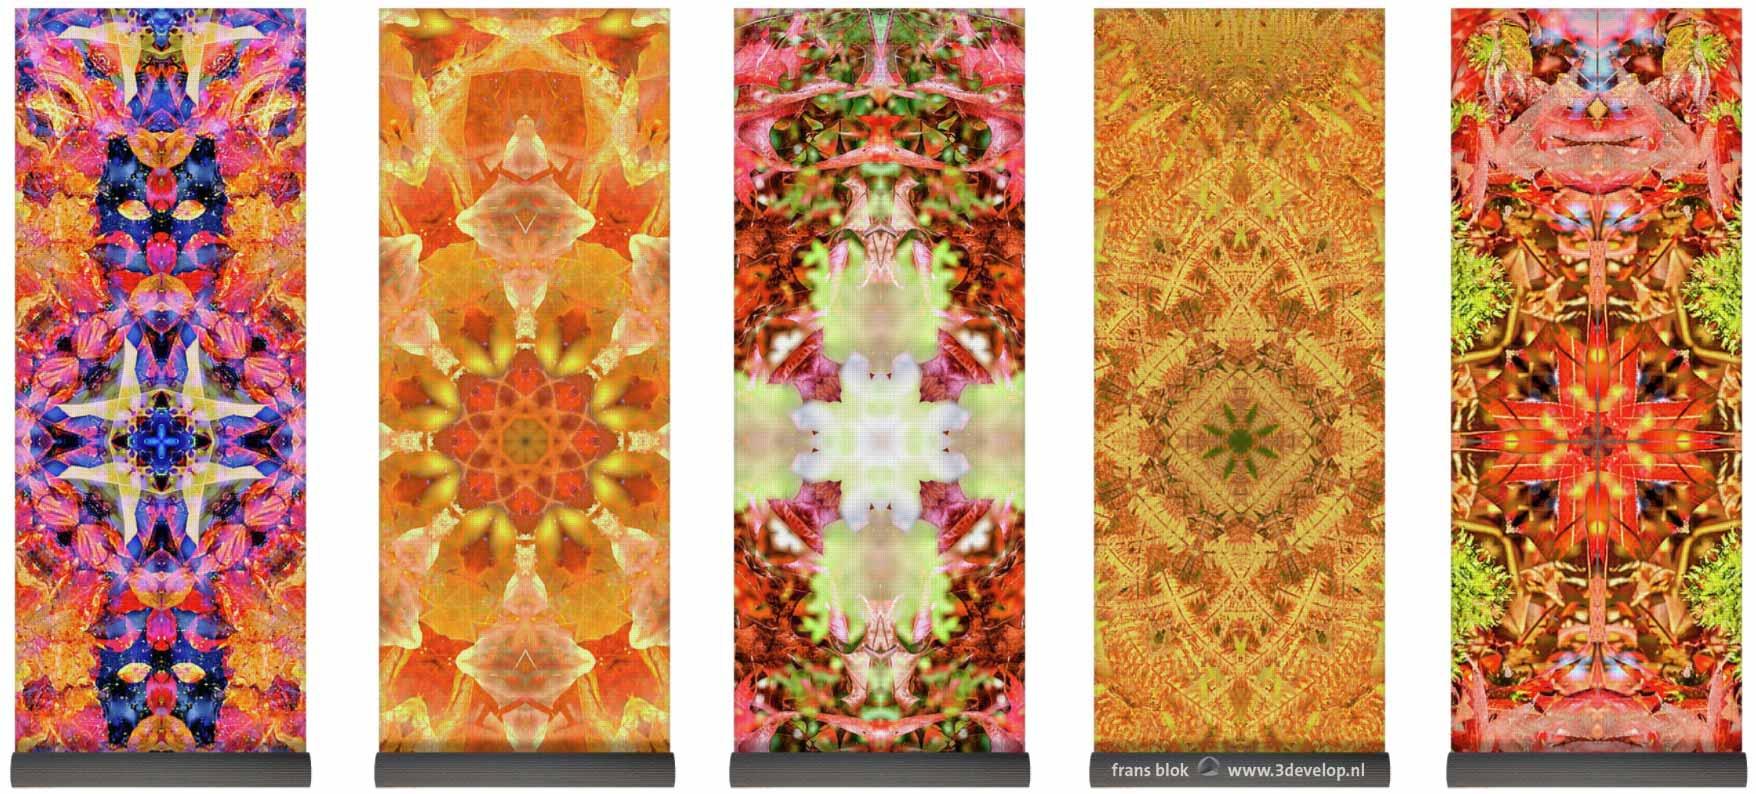 Vijf yogamatten met kleurrijke harmonieuze symmetrische patronen er op geprint